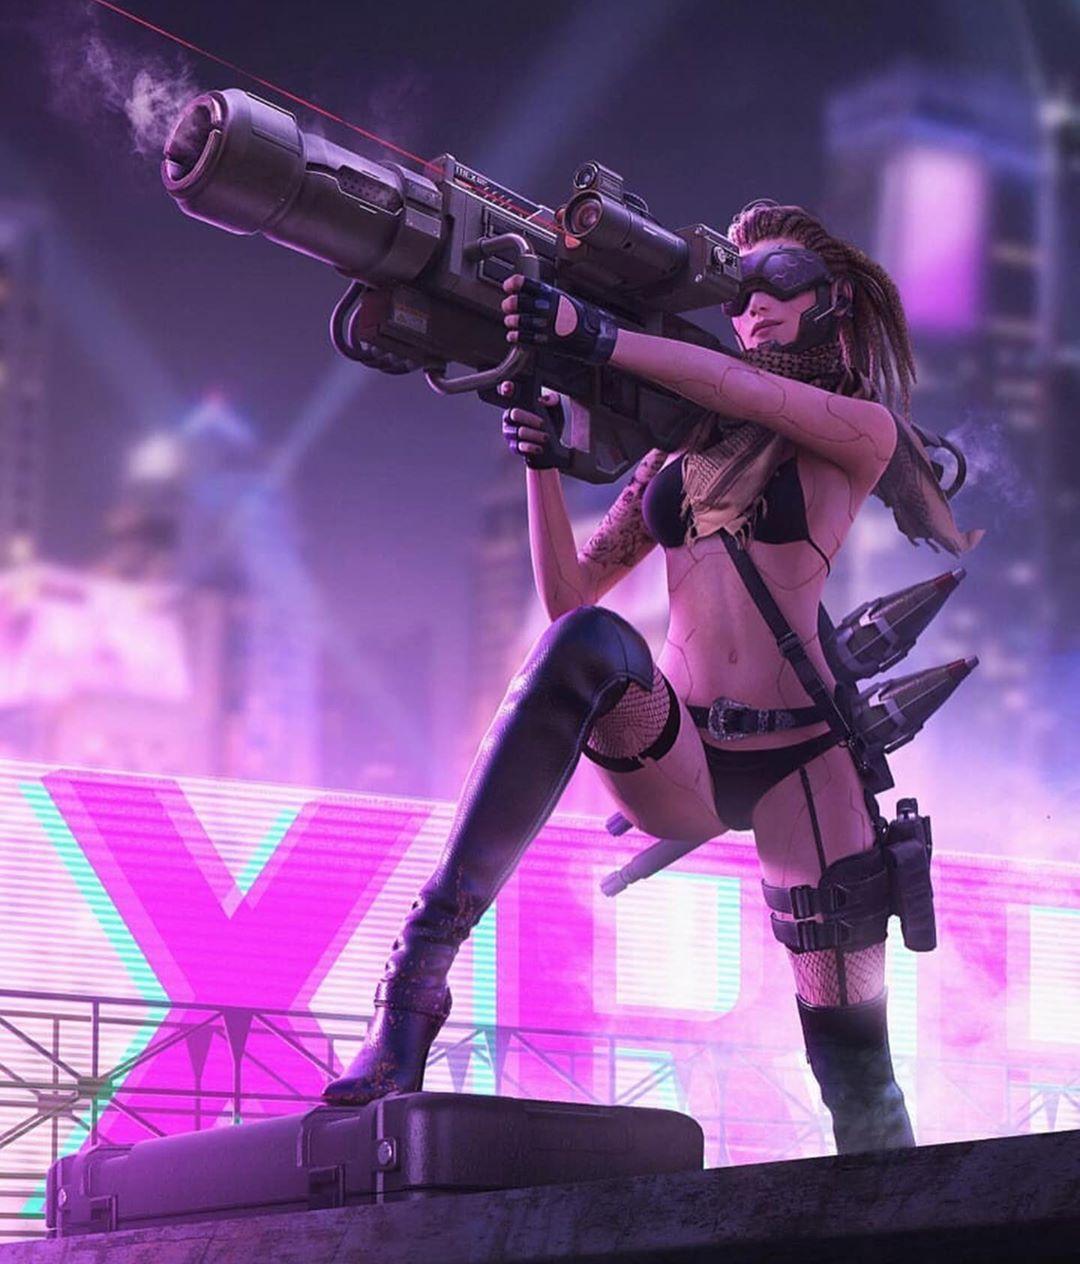 Pin de 林帆 张 em pose em 2020 imagens) Cyberpunk